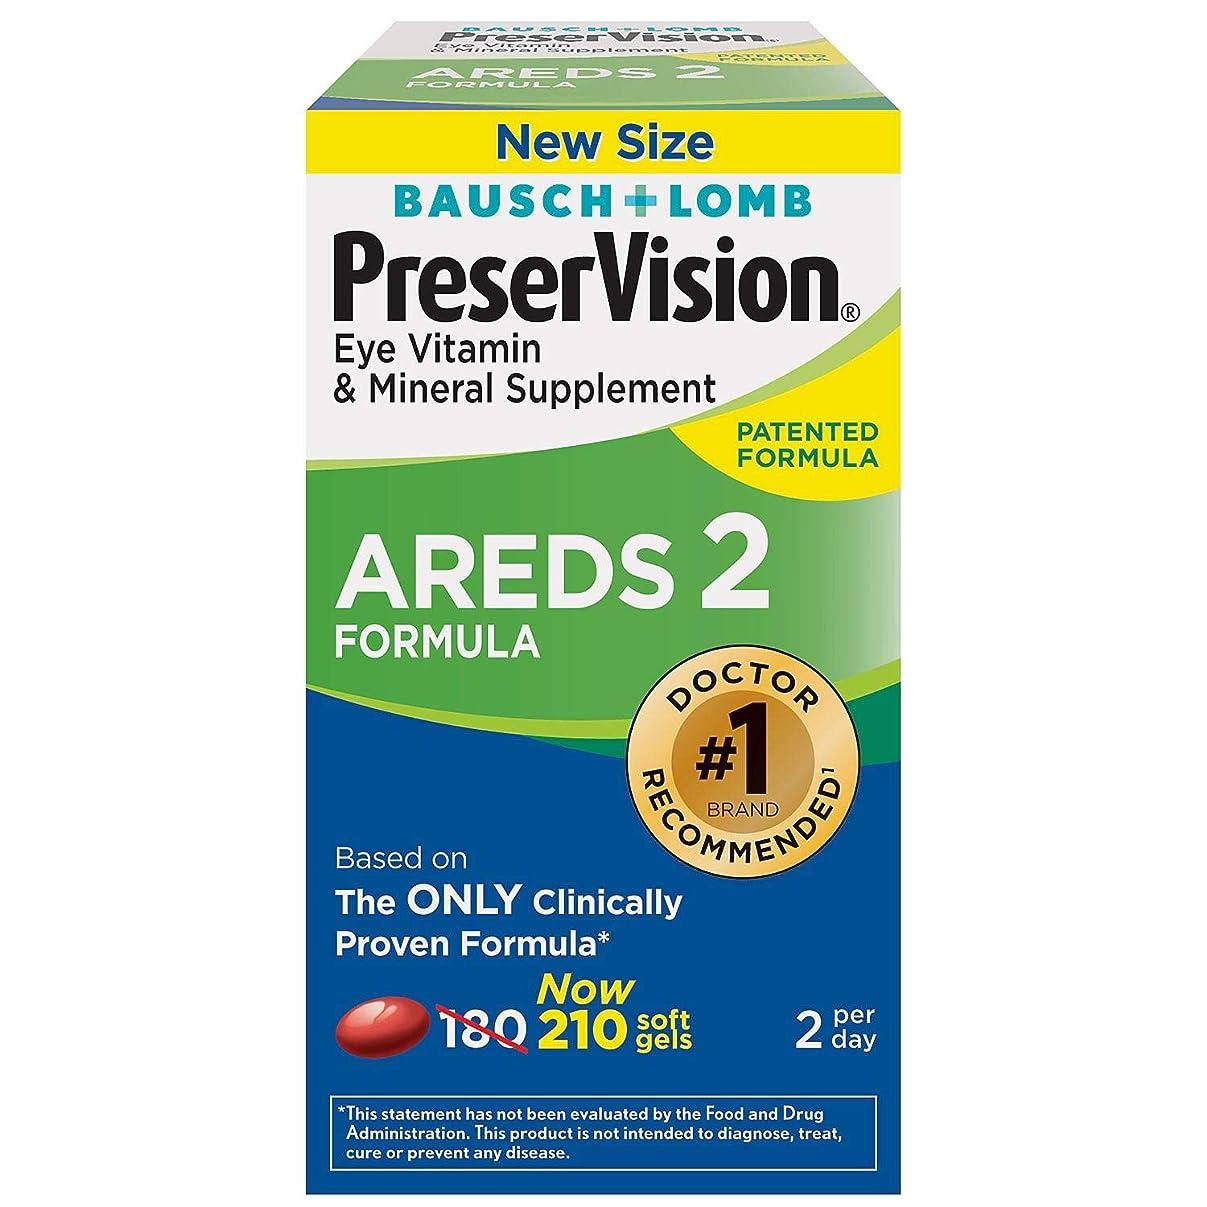 リード改修ほのか[Bausch & Lomb] PreserVision AREDS 2 Vitamin & Mineral Supplement お得なバリュー210 粒 X 1 Pack 海外直送品